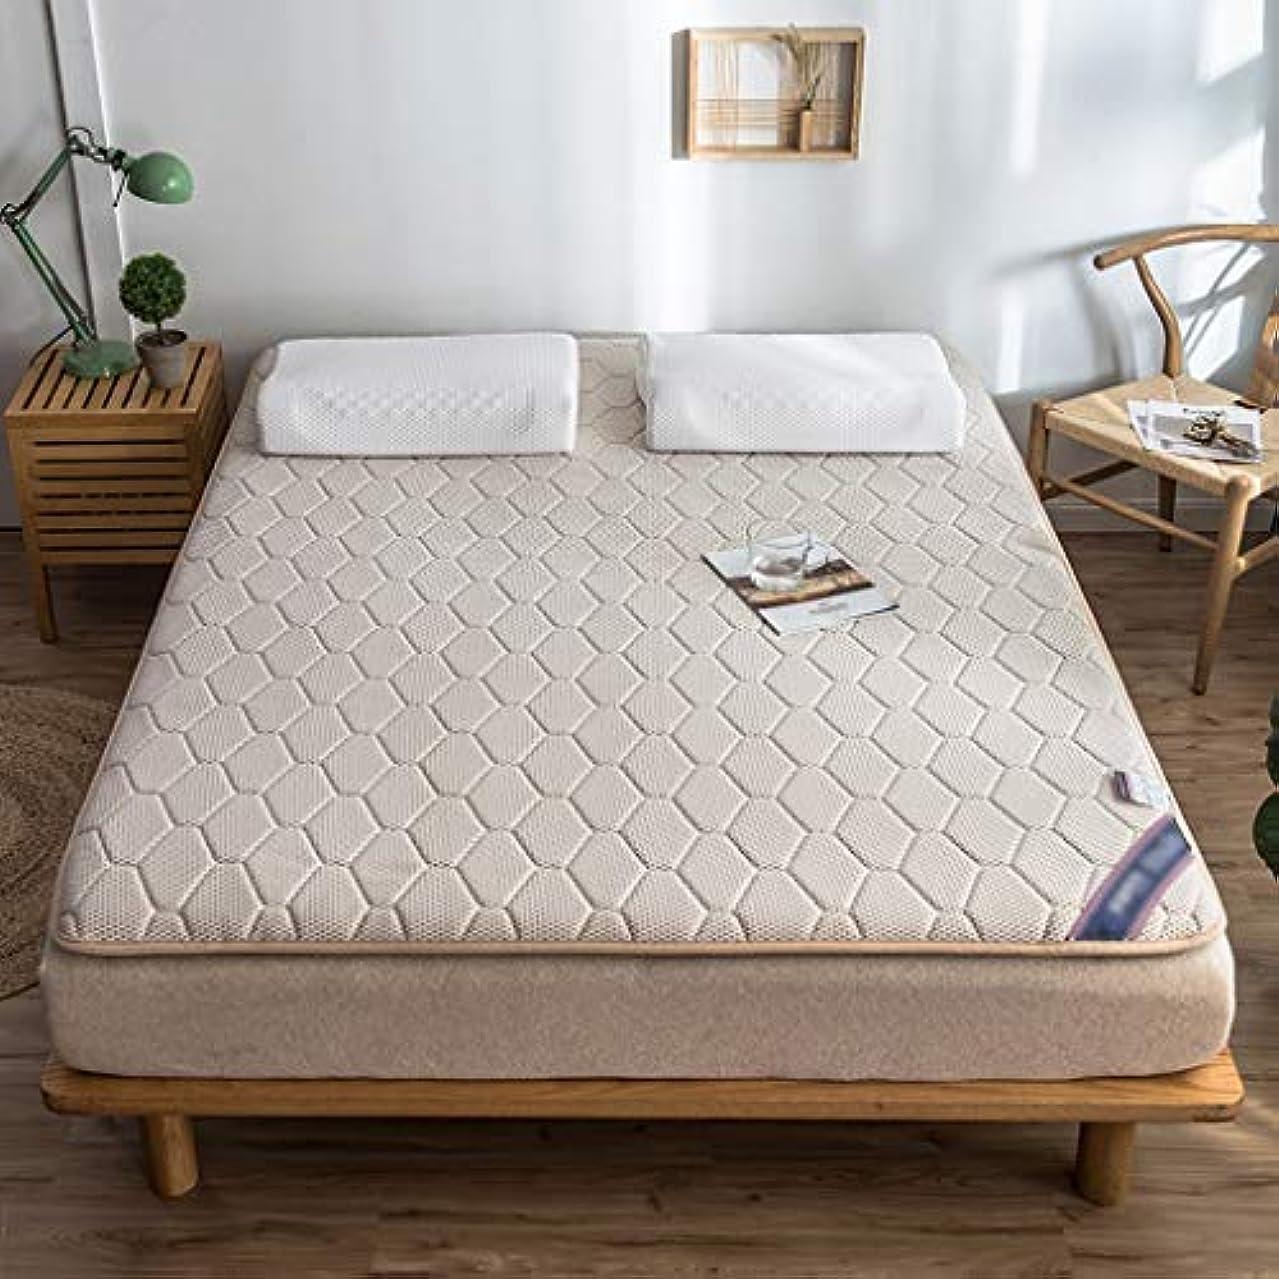 できた方法論びんマットレストッパーパッド天然ラテックスパッド畳ベッドカバー保護パッドフロアマット家庭用クッション (色 : Khaki, サイズさいず : 90×200cm)